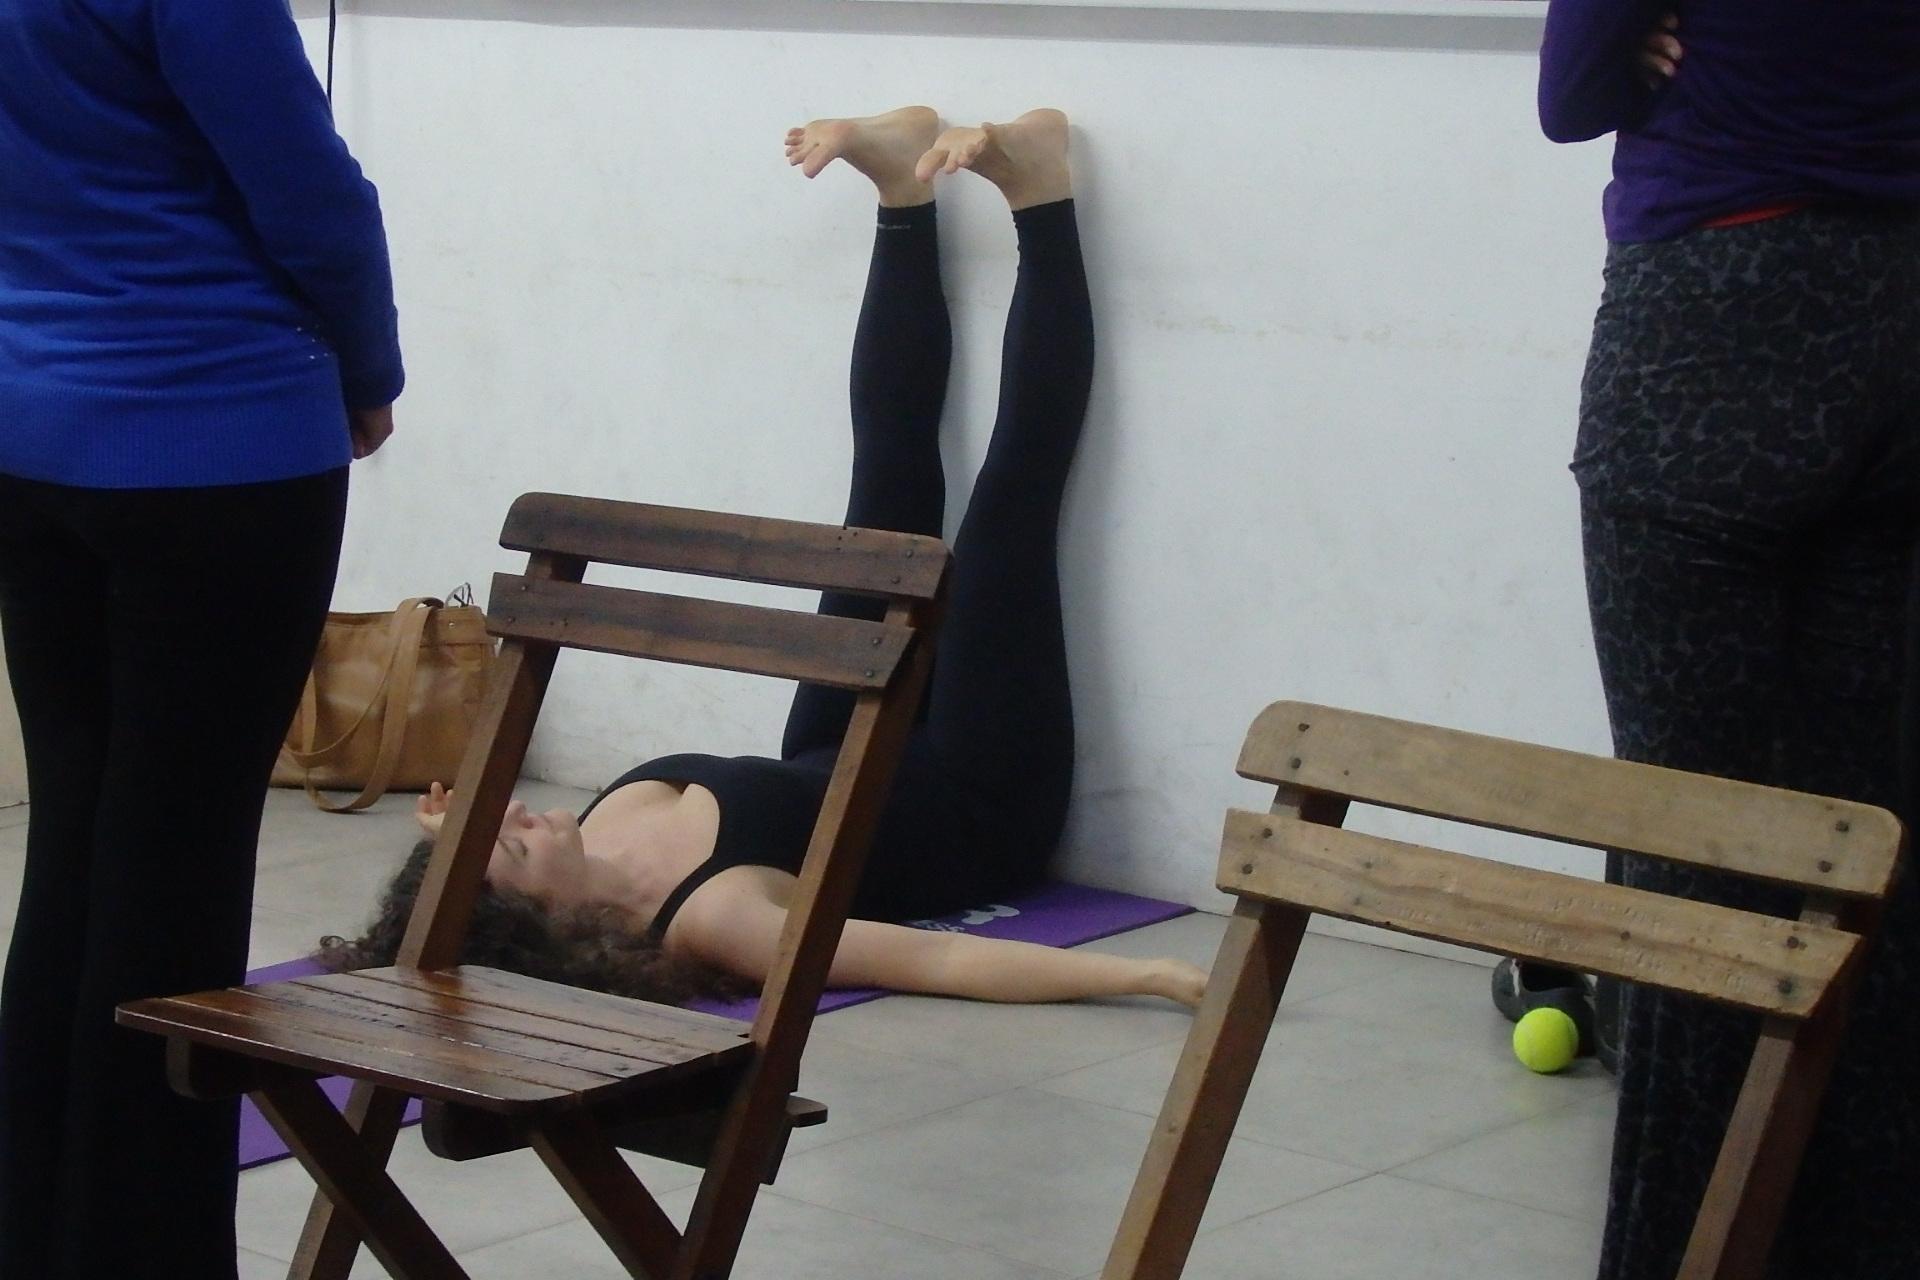 Mostrando la postura semi-invertida